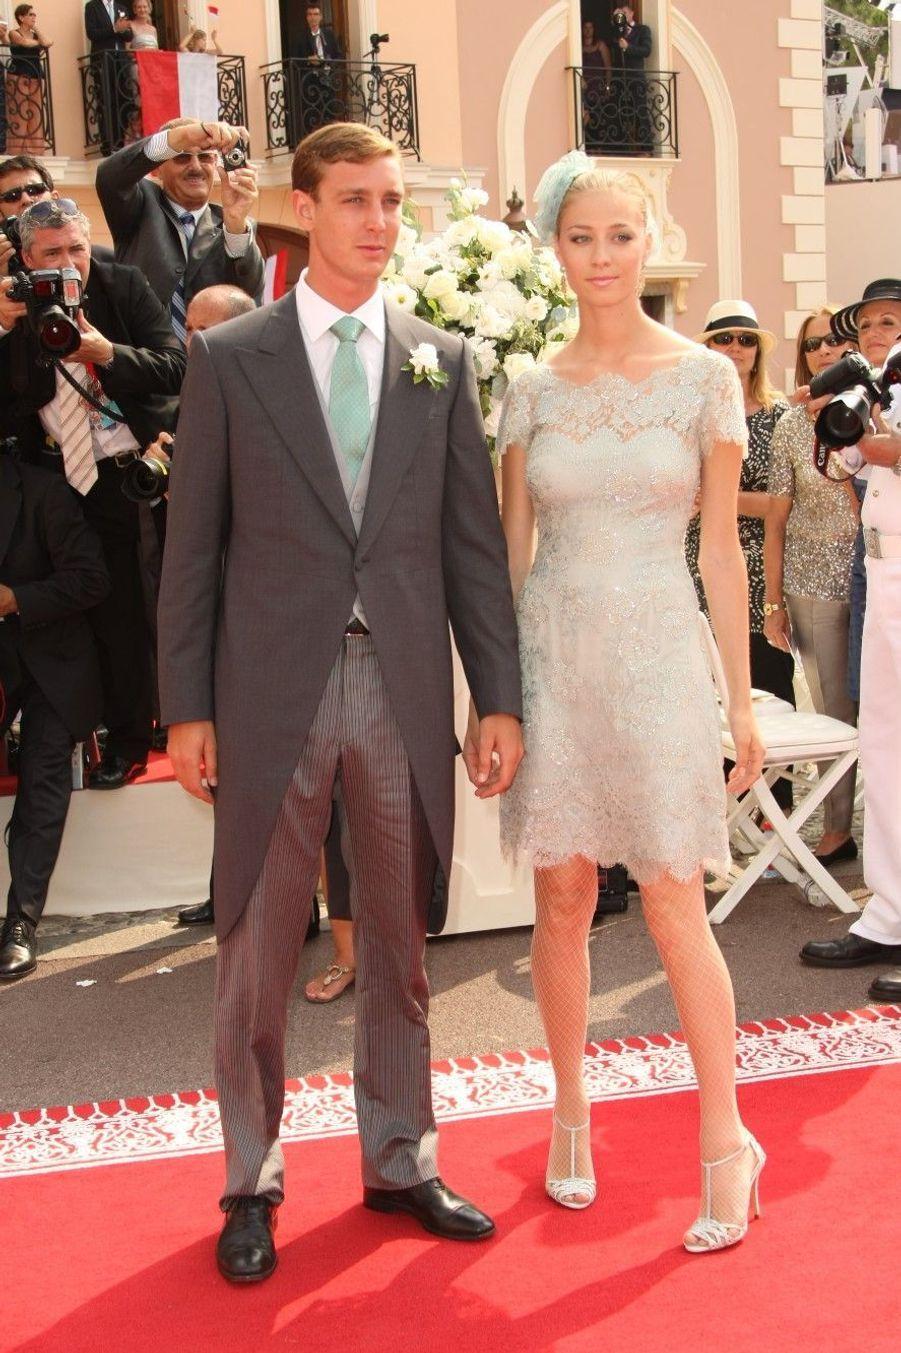 Mariage d'Albert de Monaco et Charlène, juillet 2011